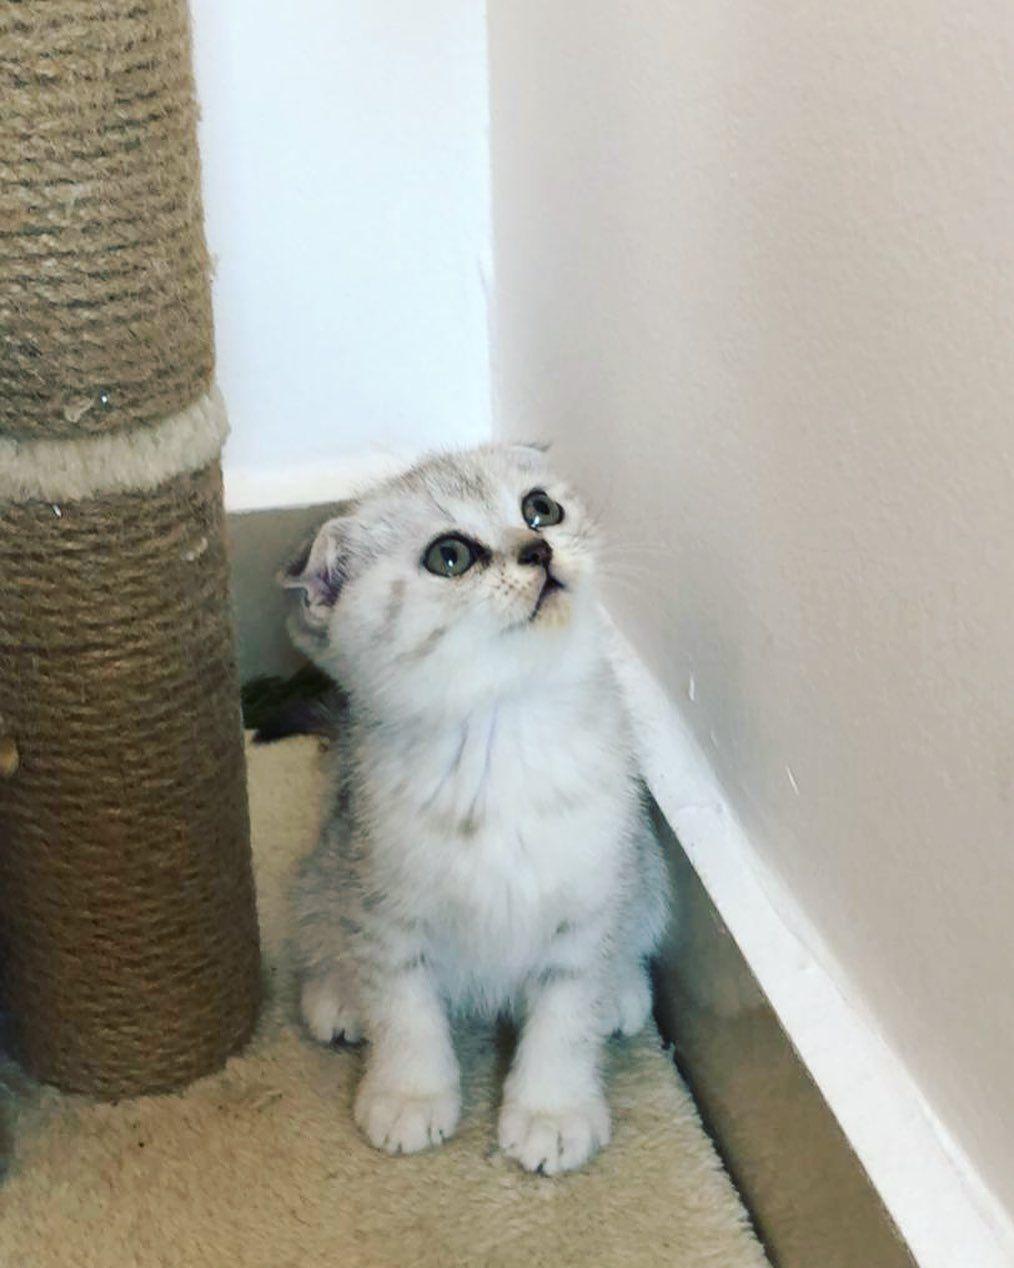 ماشاءالله تبارك الله نثيه بيور سكوتش فولد شورت هير من ام وآب بيور وارد من إسكتلندا F Animals Cats